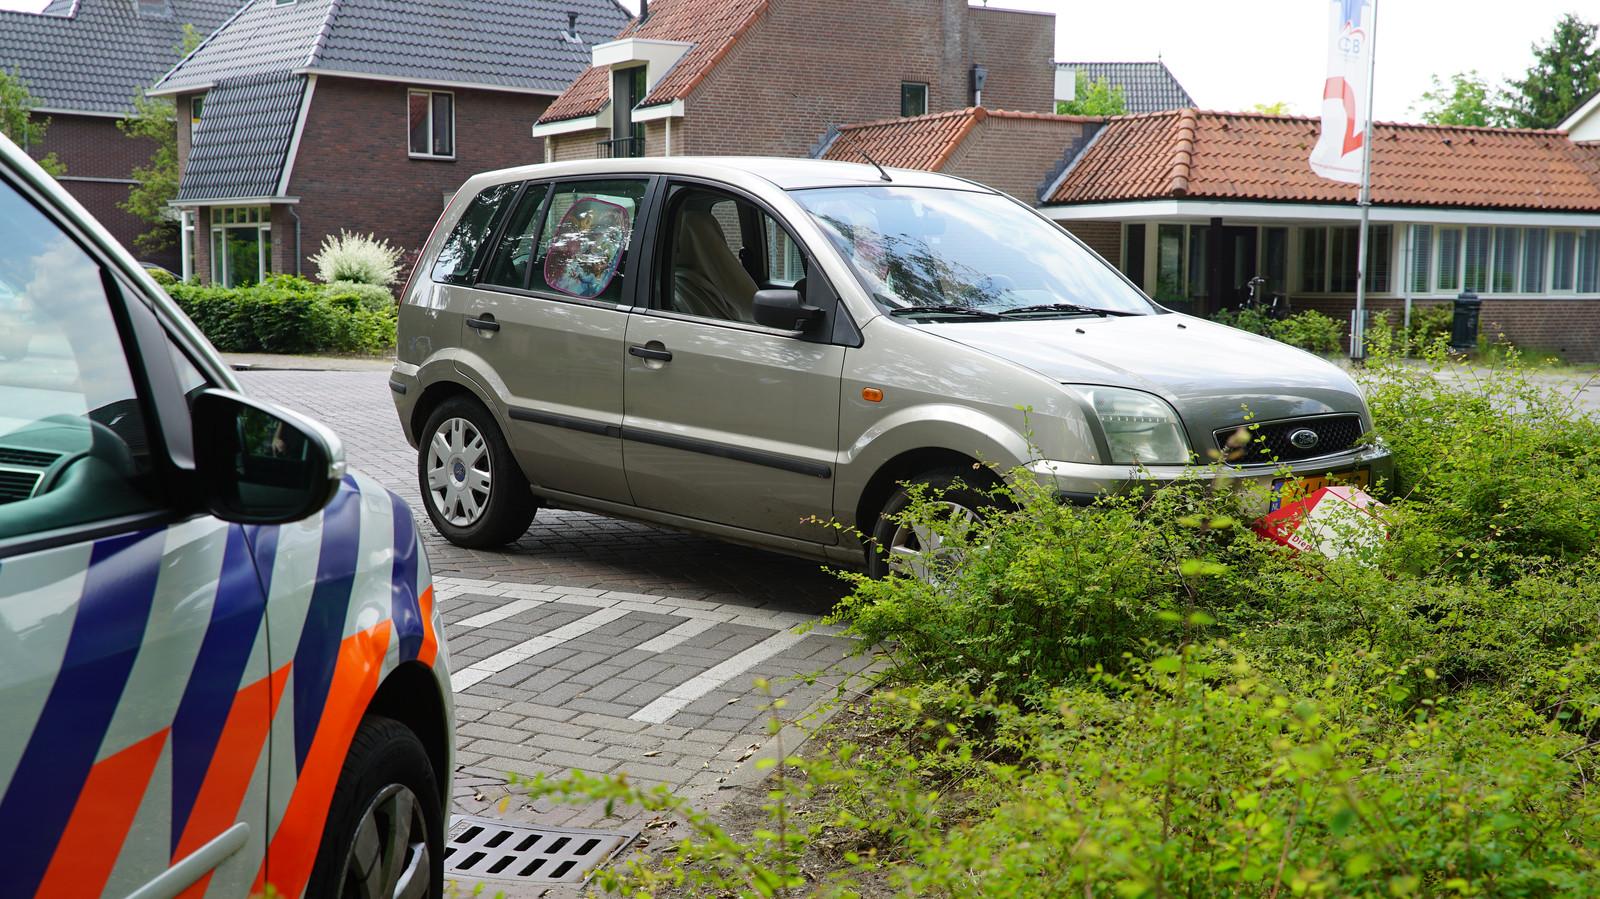 Vluchtauto belandt in de bosjes in Diepenveen, na een achtervolging vanuit Schalkhaar. Politie heeft vluchter aangehouden, waarna vluchtauto ook gestolen bleek.